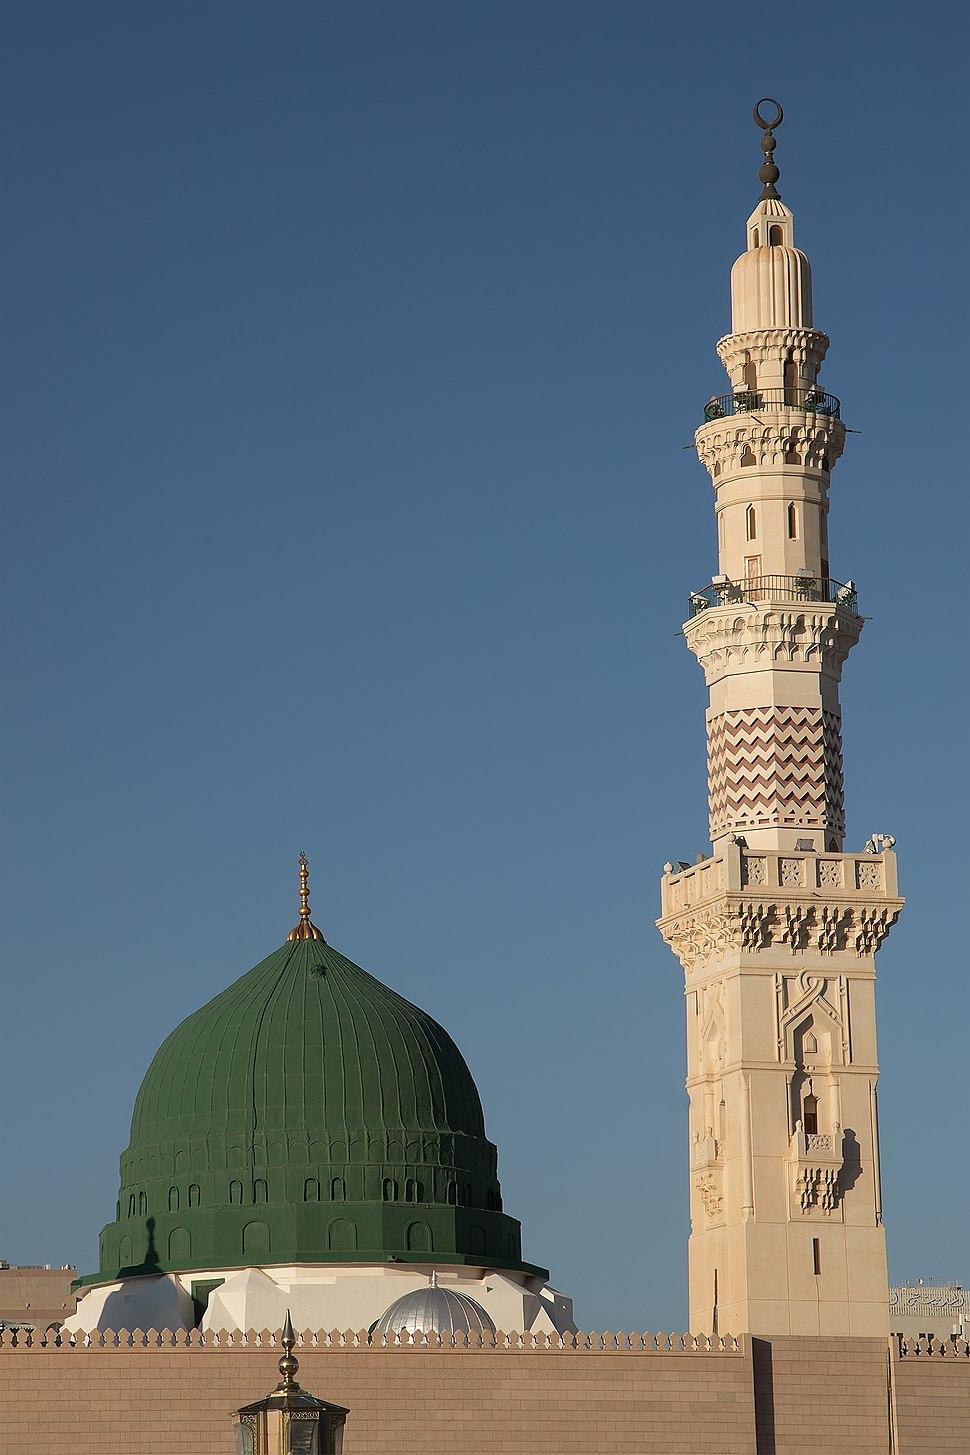 The Green Dome, Masjid Nabawi, Madina